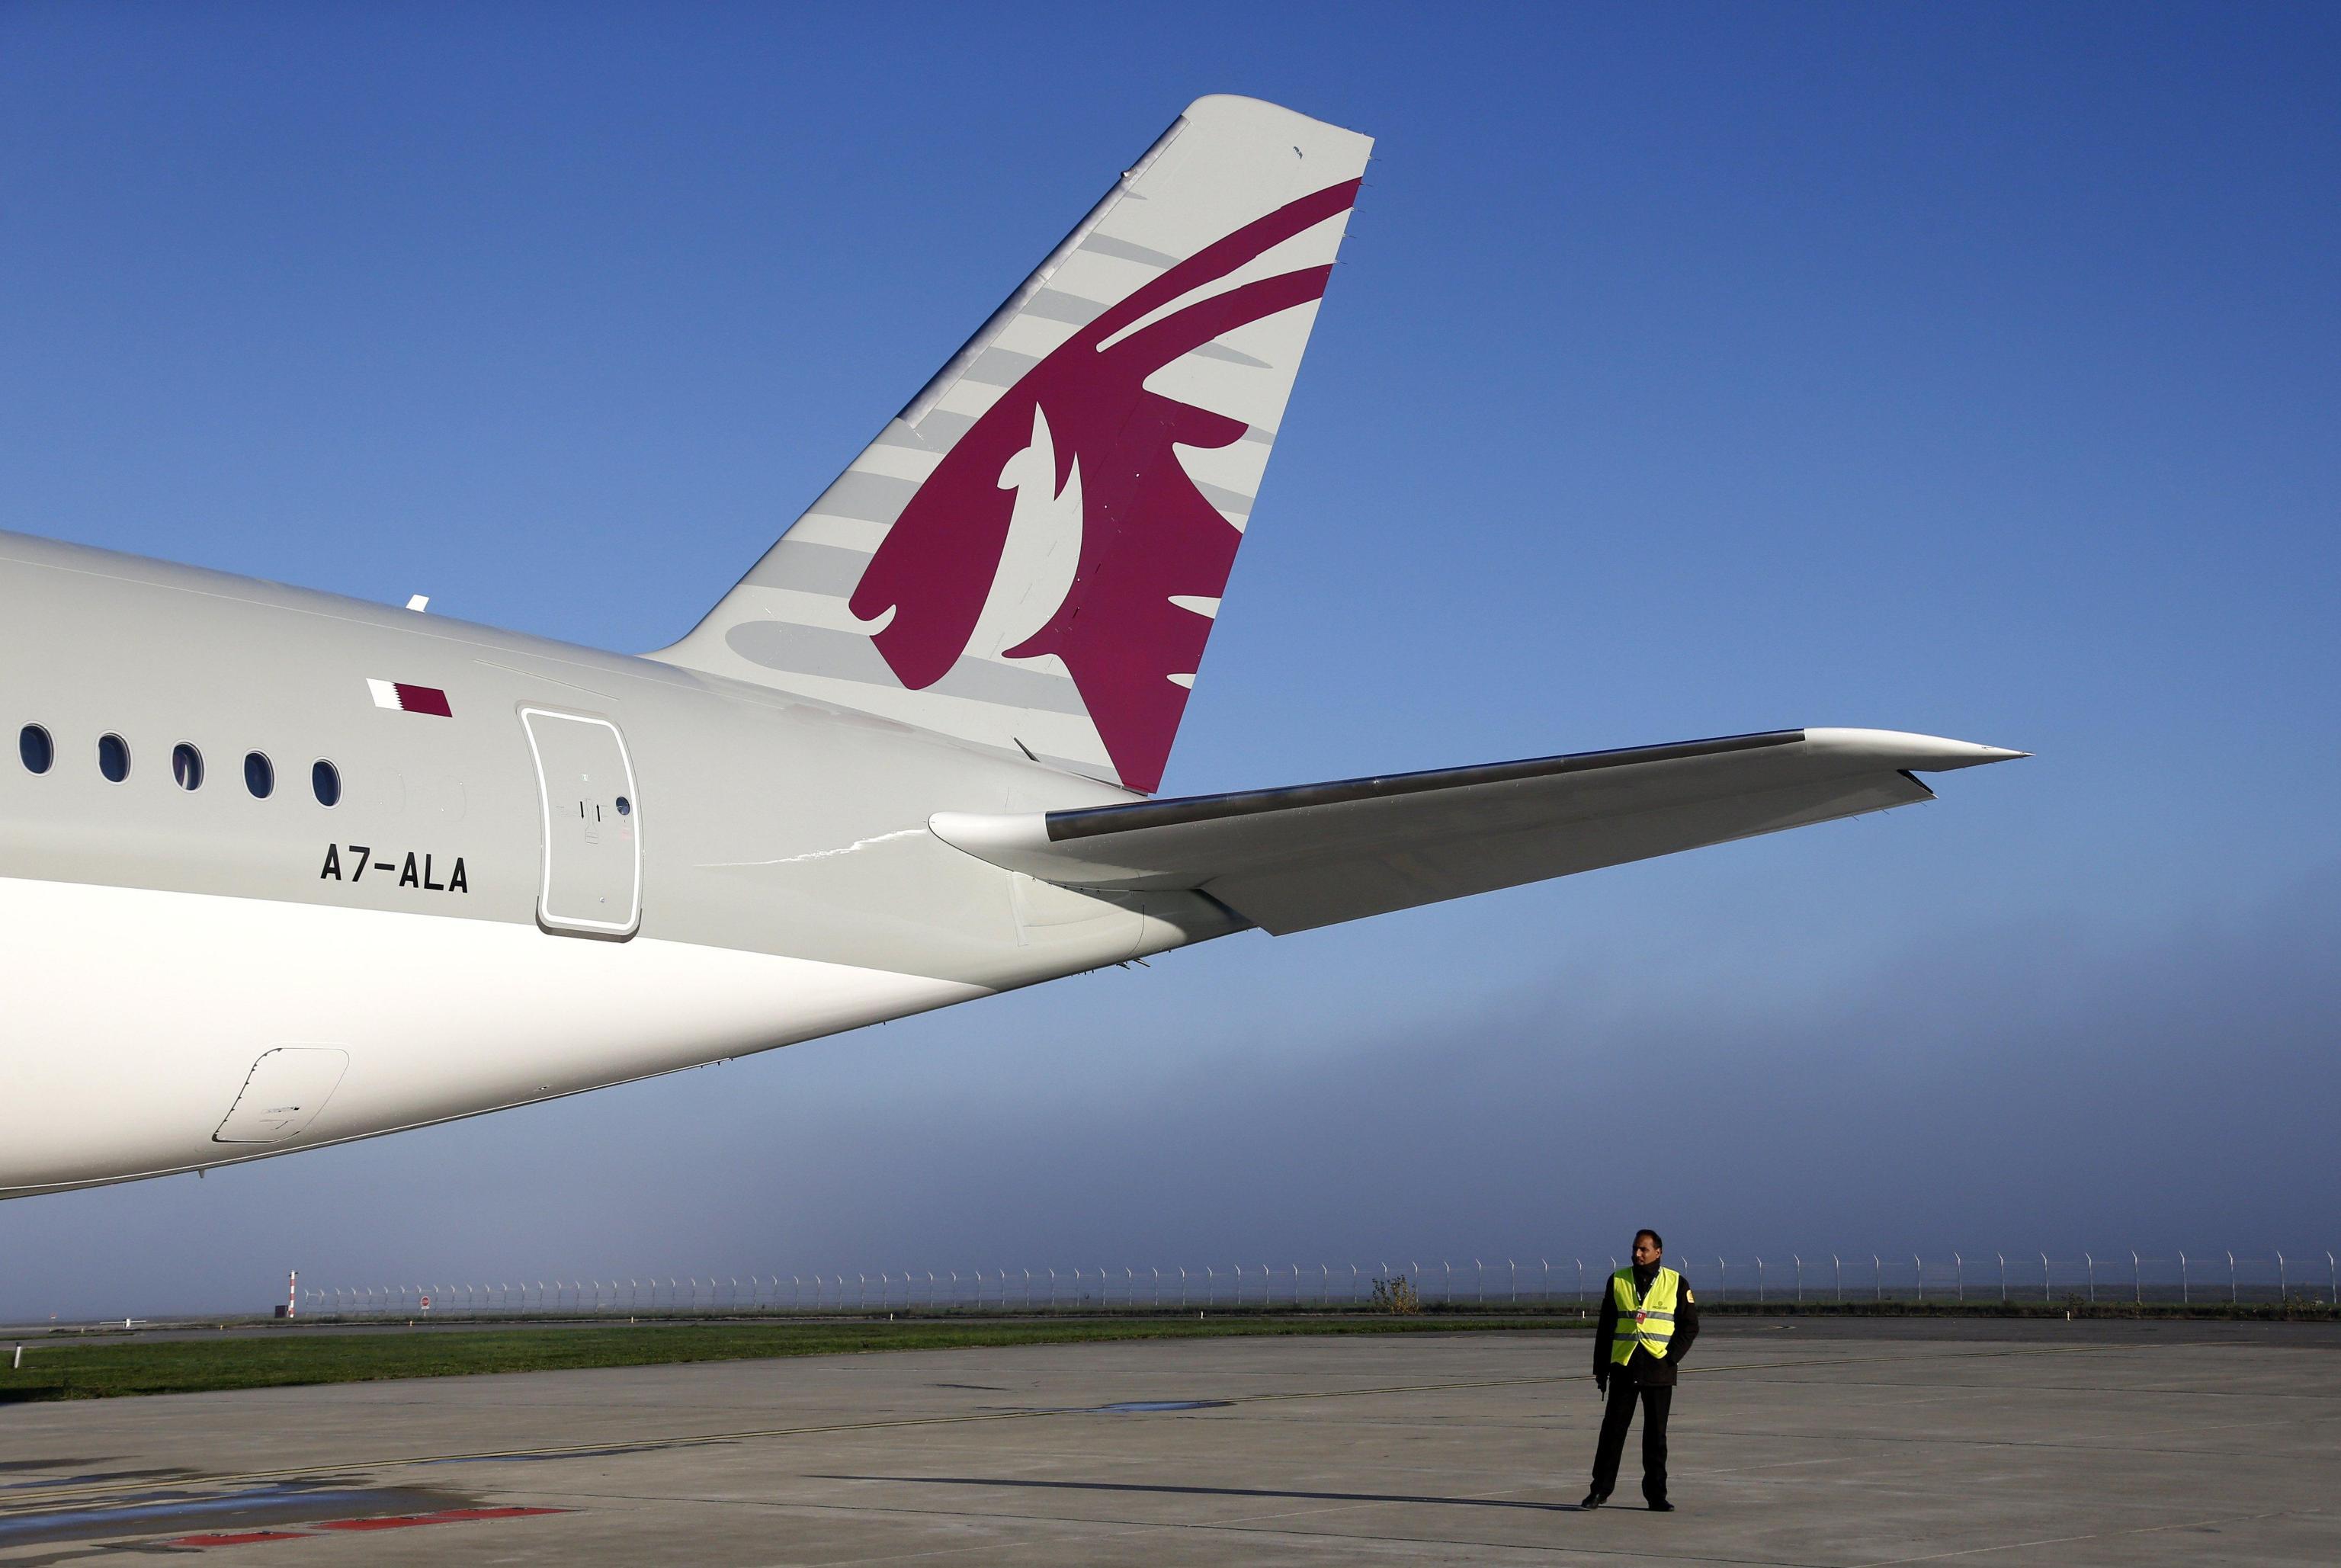 Utile 6 mesi Emirates +77% a 631 mln dlr